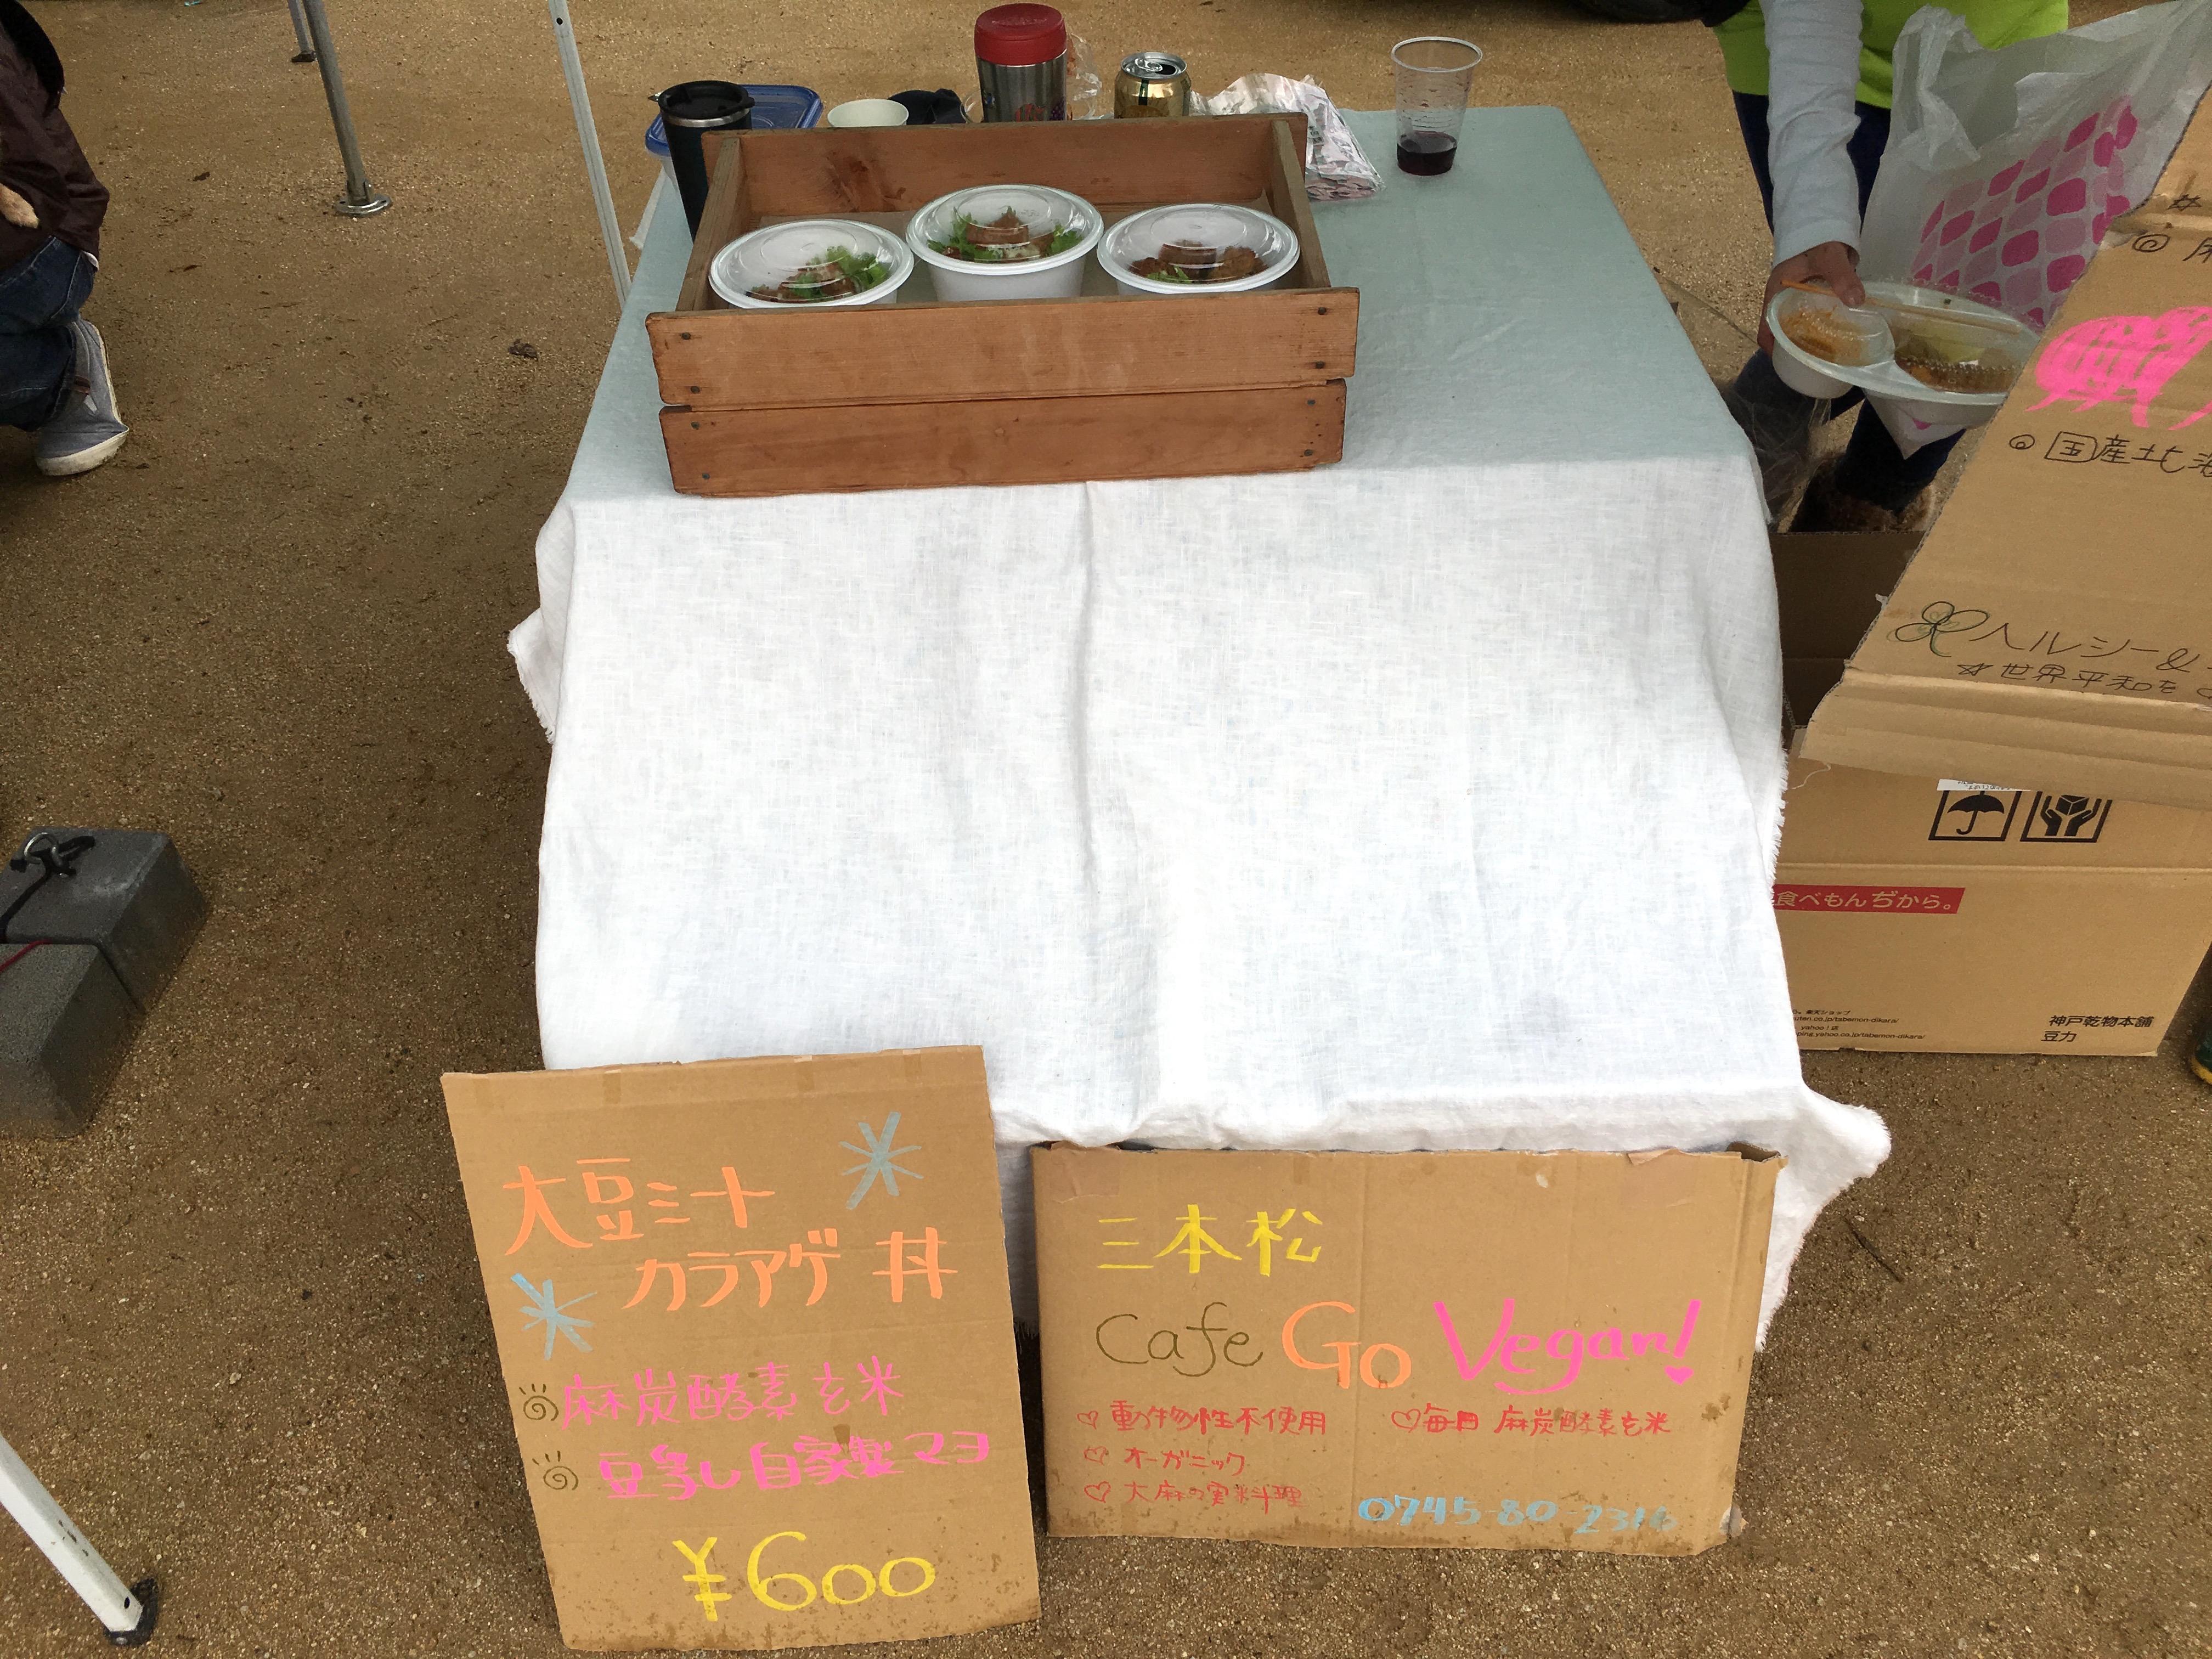 奈良飛鳥2015cafegoveganブース